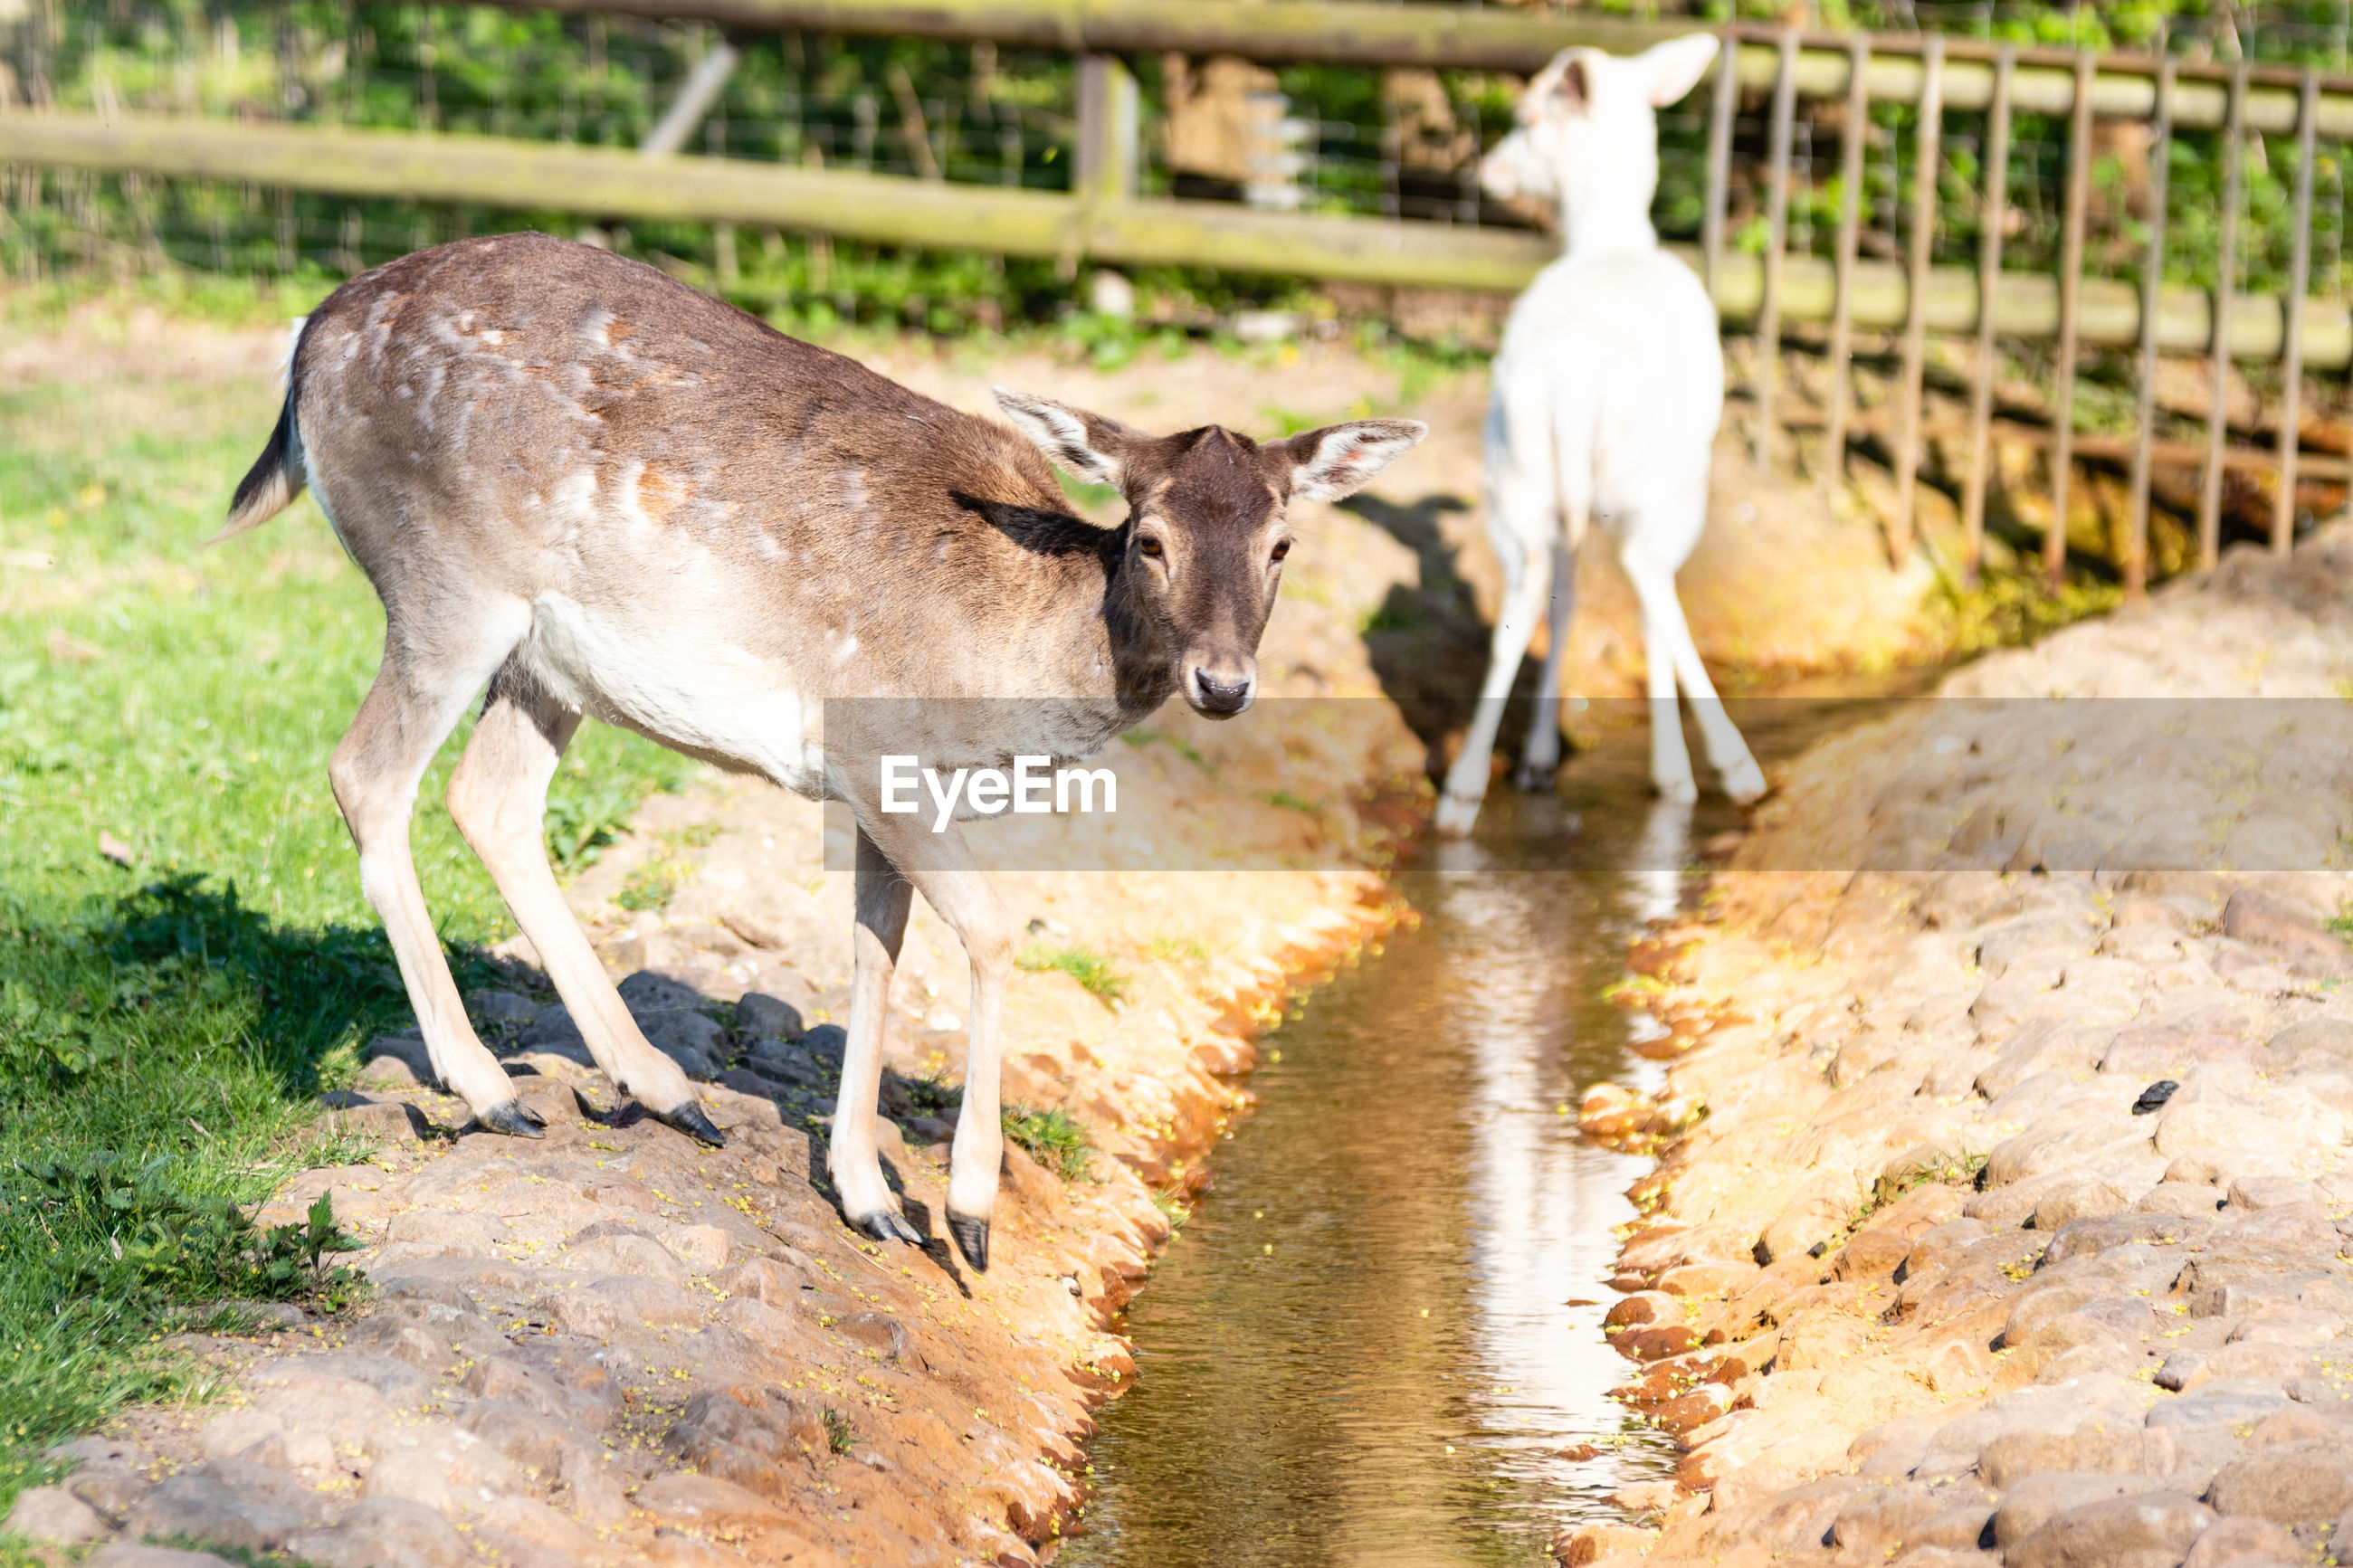 HORSE STANDING IN WATER